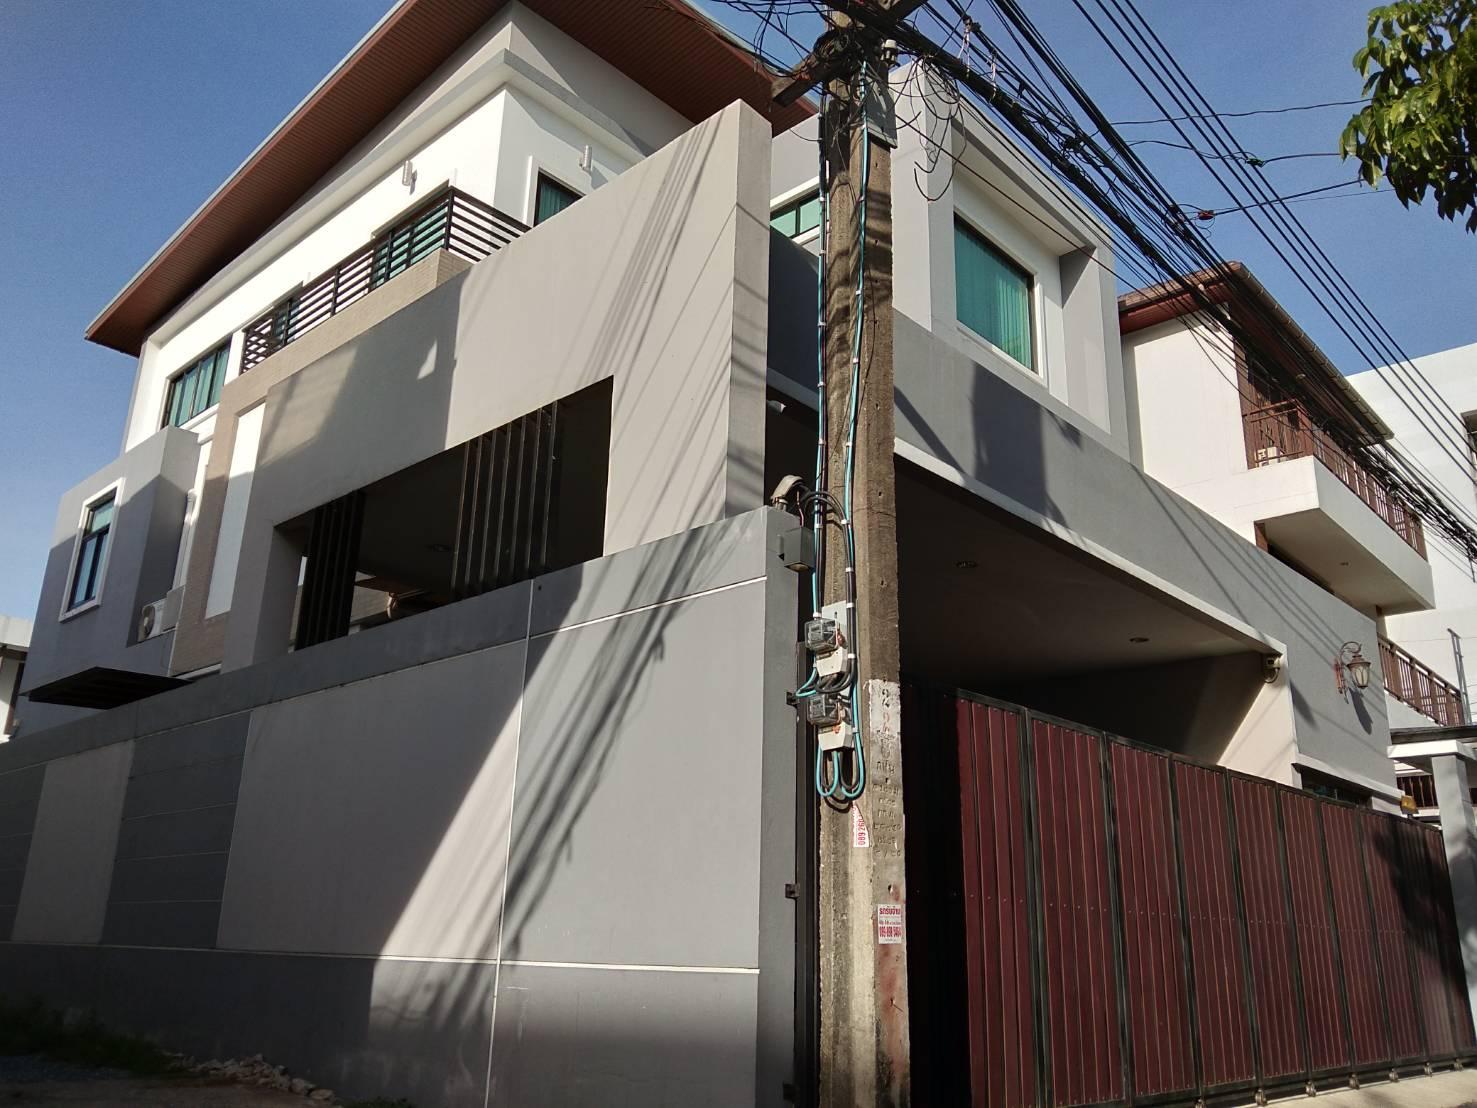 ภาพบ้านเดี่ยว3ชั้น57ตรว.(เจ้าของขายเอง)สร้างเองทำเลหายากในตัวเมืองชั้นใน อยู่ในซอยสงบร่มรื่นใกล้ม.หอการ